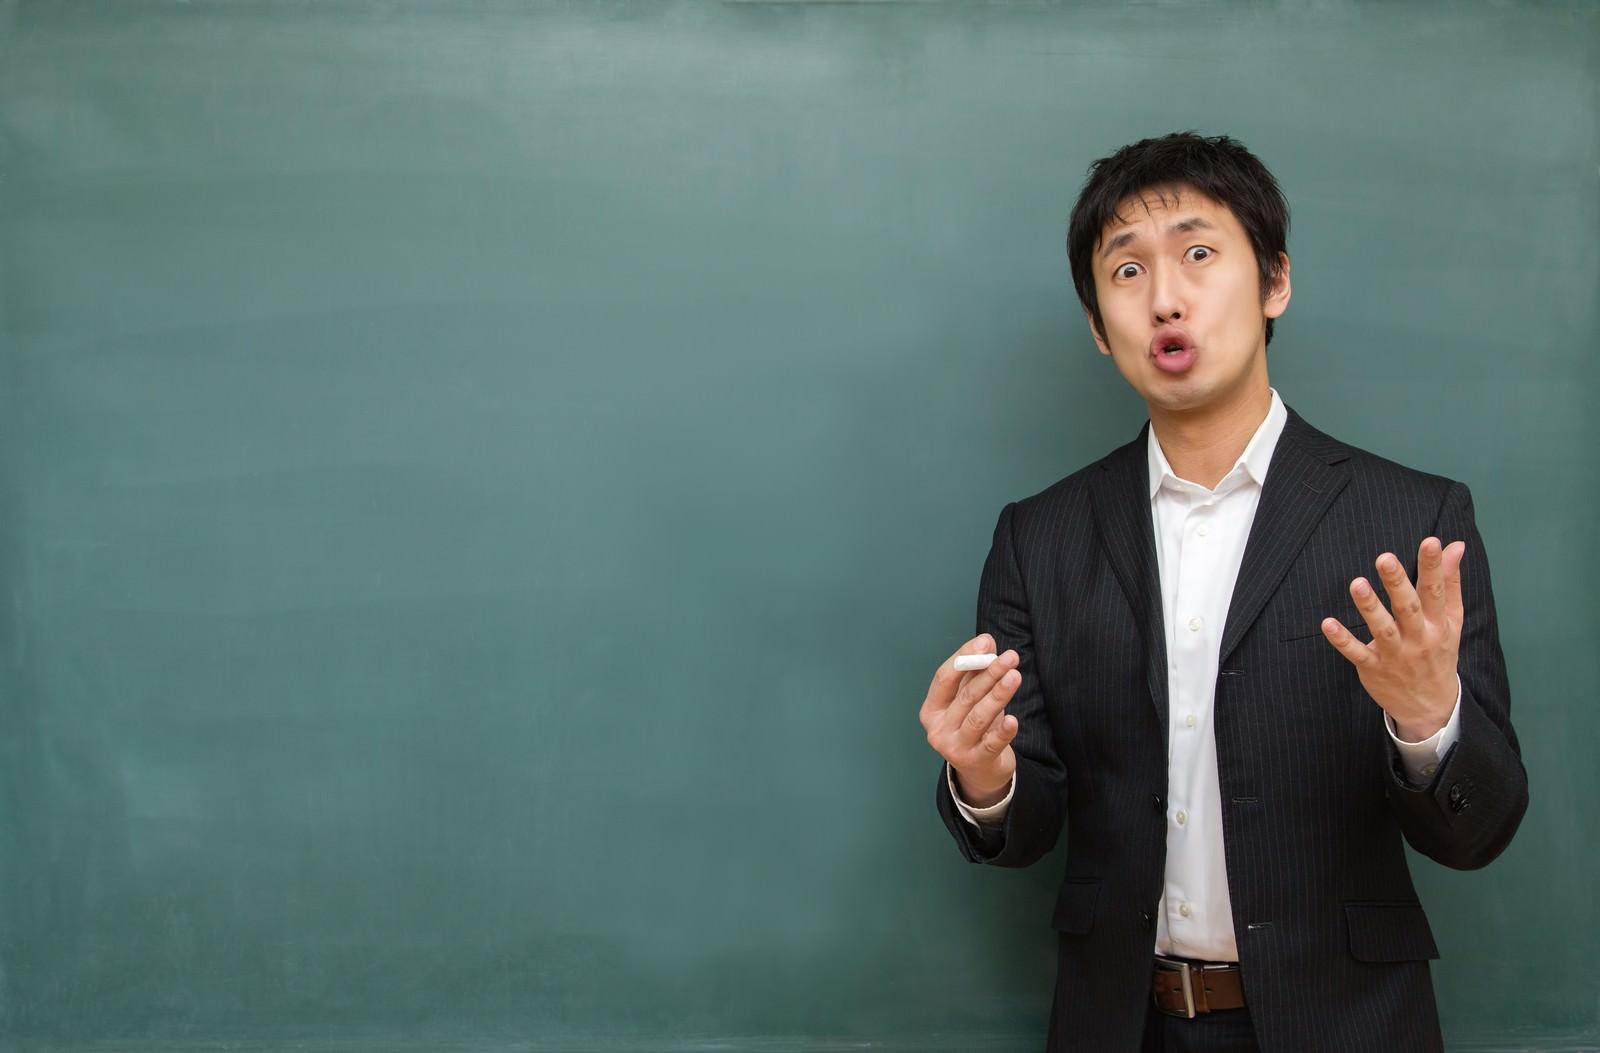 「試験に向けて熱く答弁する塾講師 | 写真の無料素材・フリー素材 - ぱくたそ」の写真[モデル:大川竜弥]